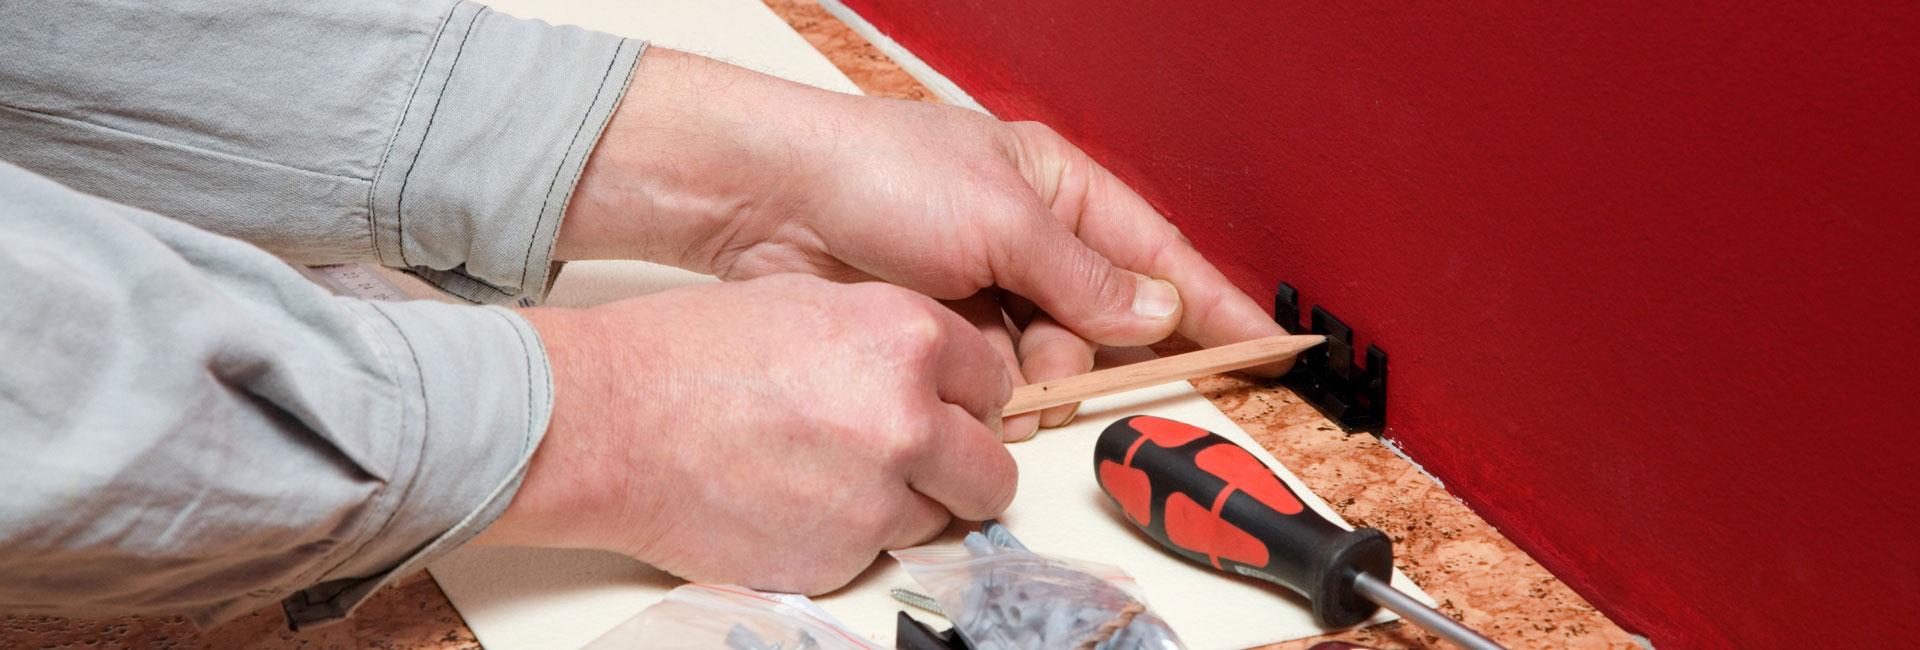 Bodenbelag wie Teppich Design PVC und mehr erhalten Sie bei uns